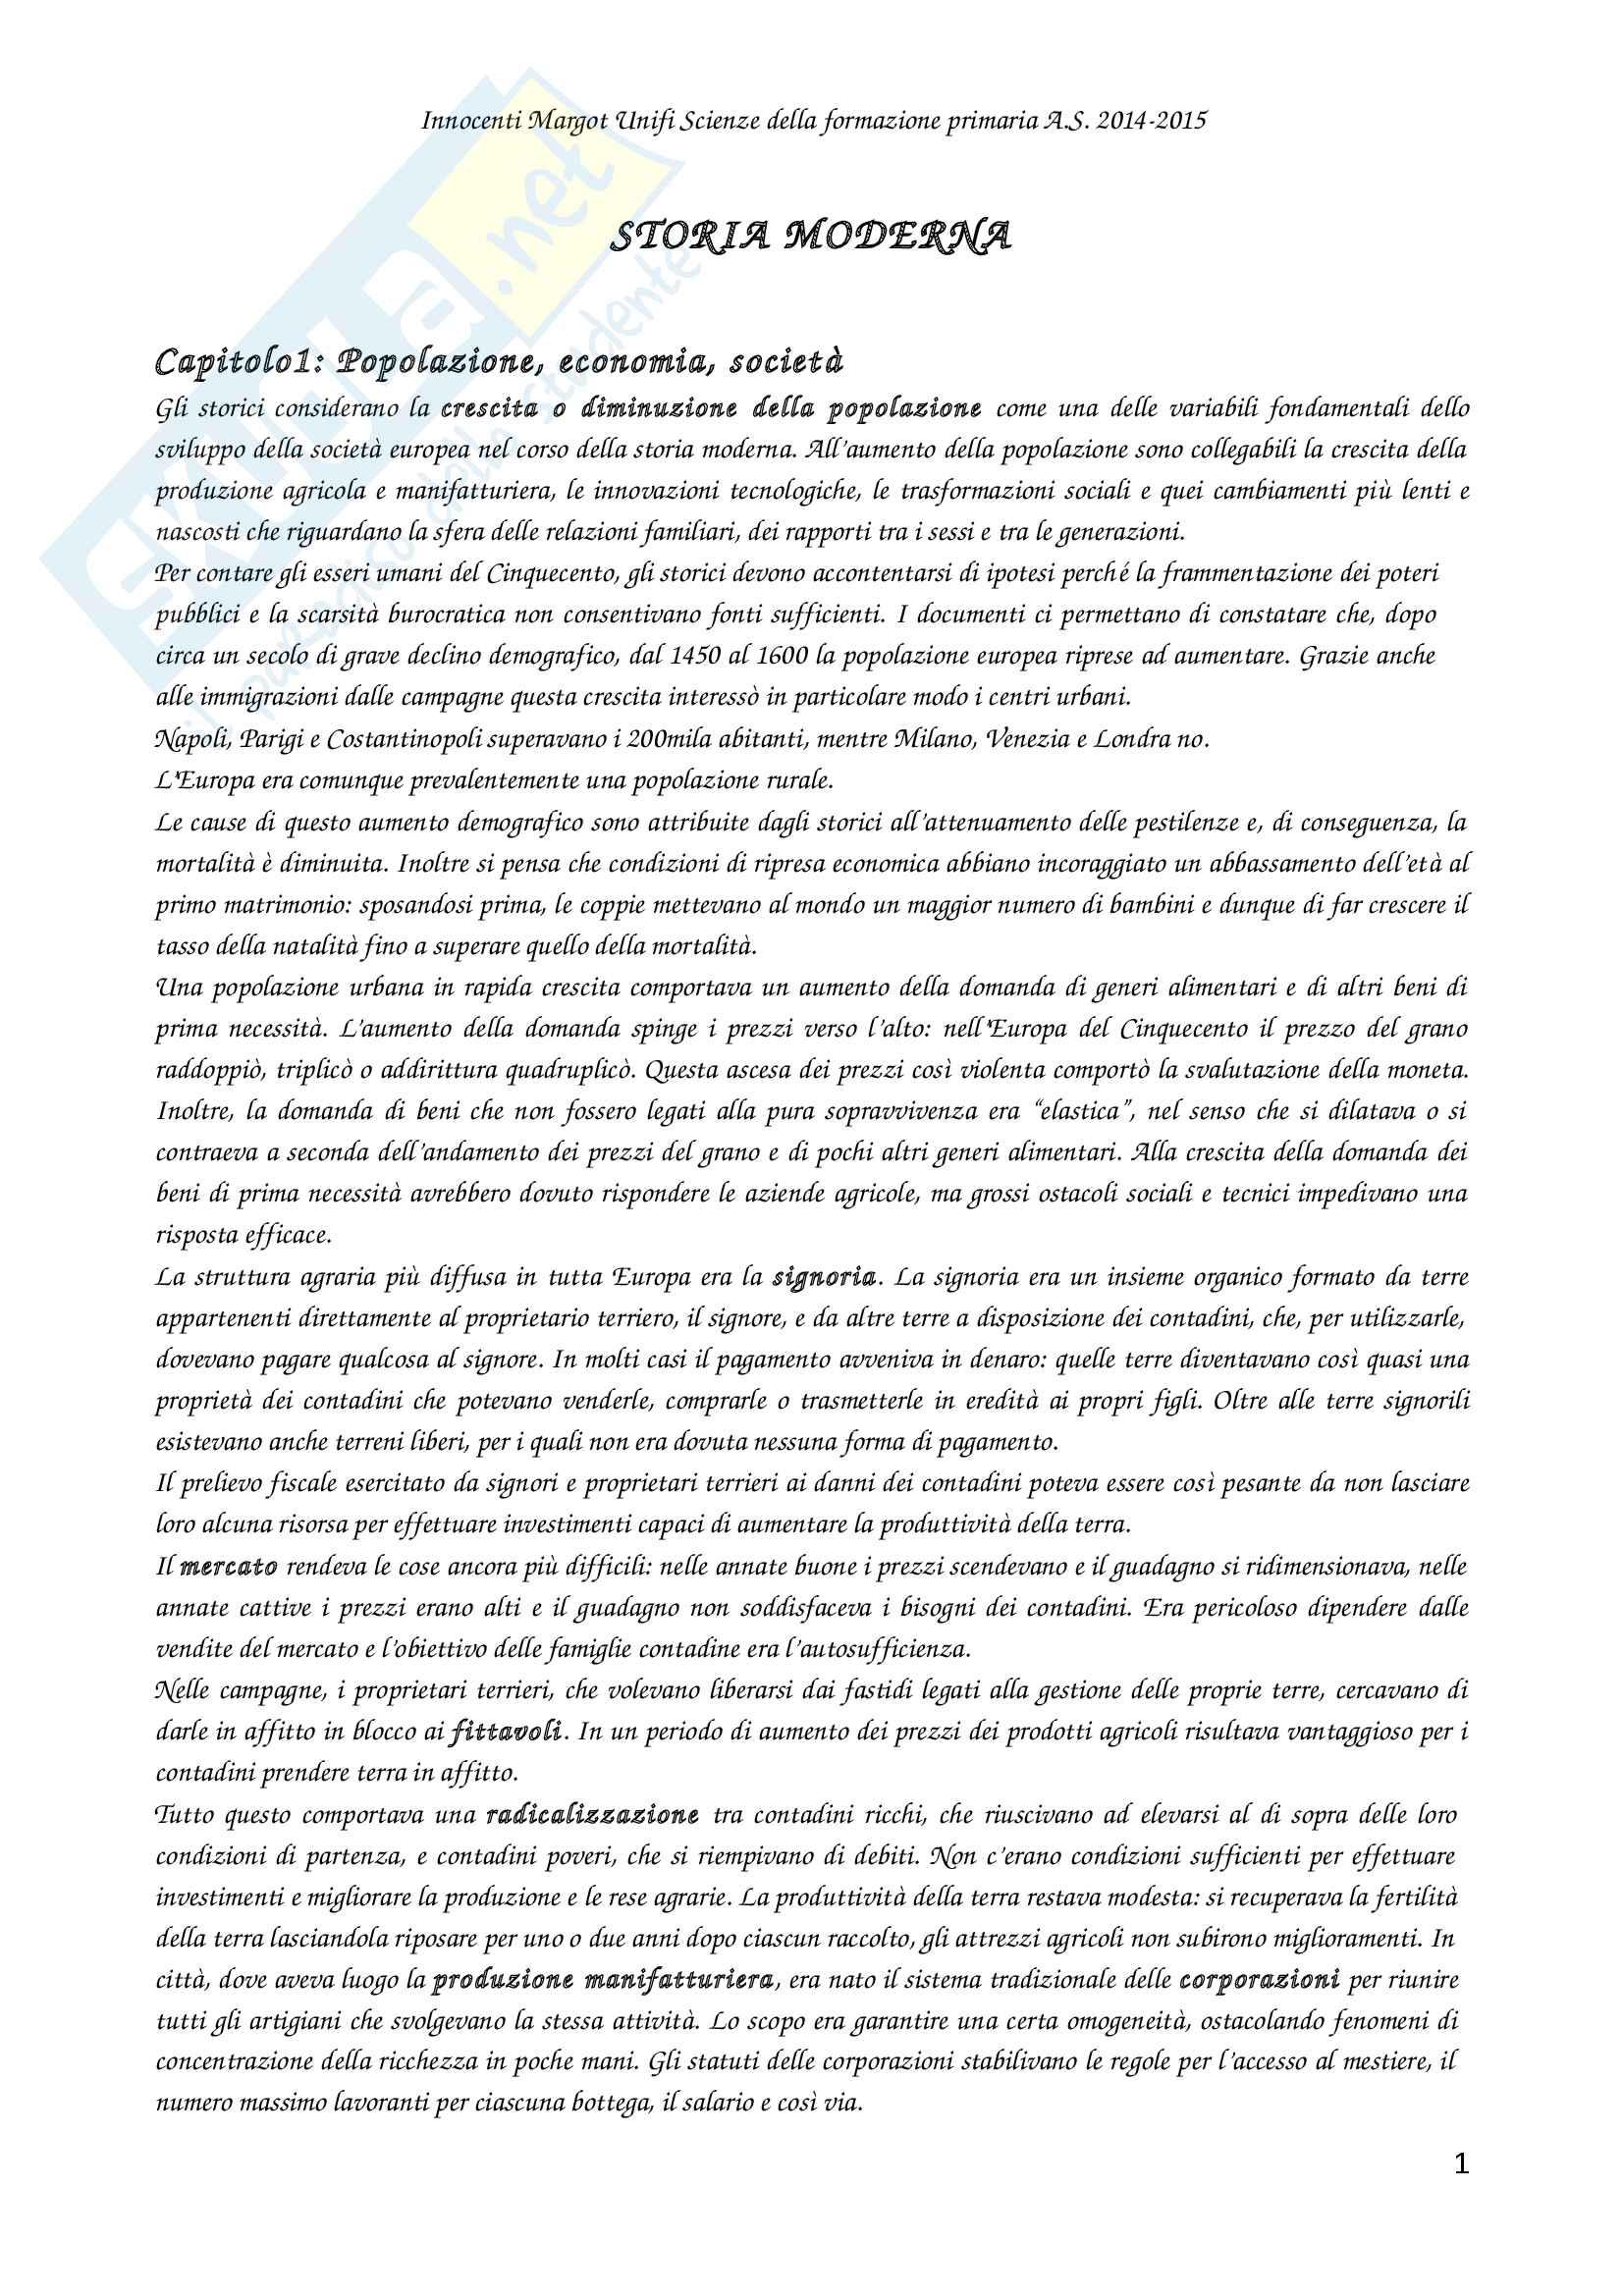 Riassunto per l'esame di Storia moderna, prof Maria Aurora Savelli, libro consigliato Storia moderna, Ago Renata, Vidotto Vittorio